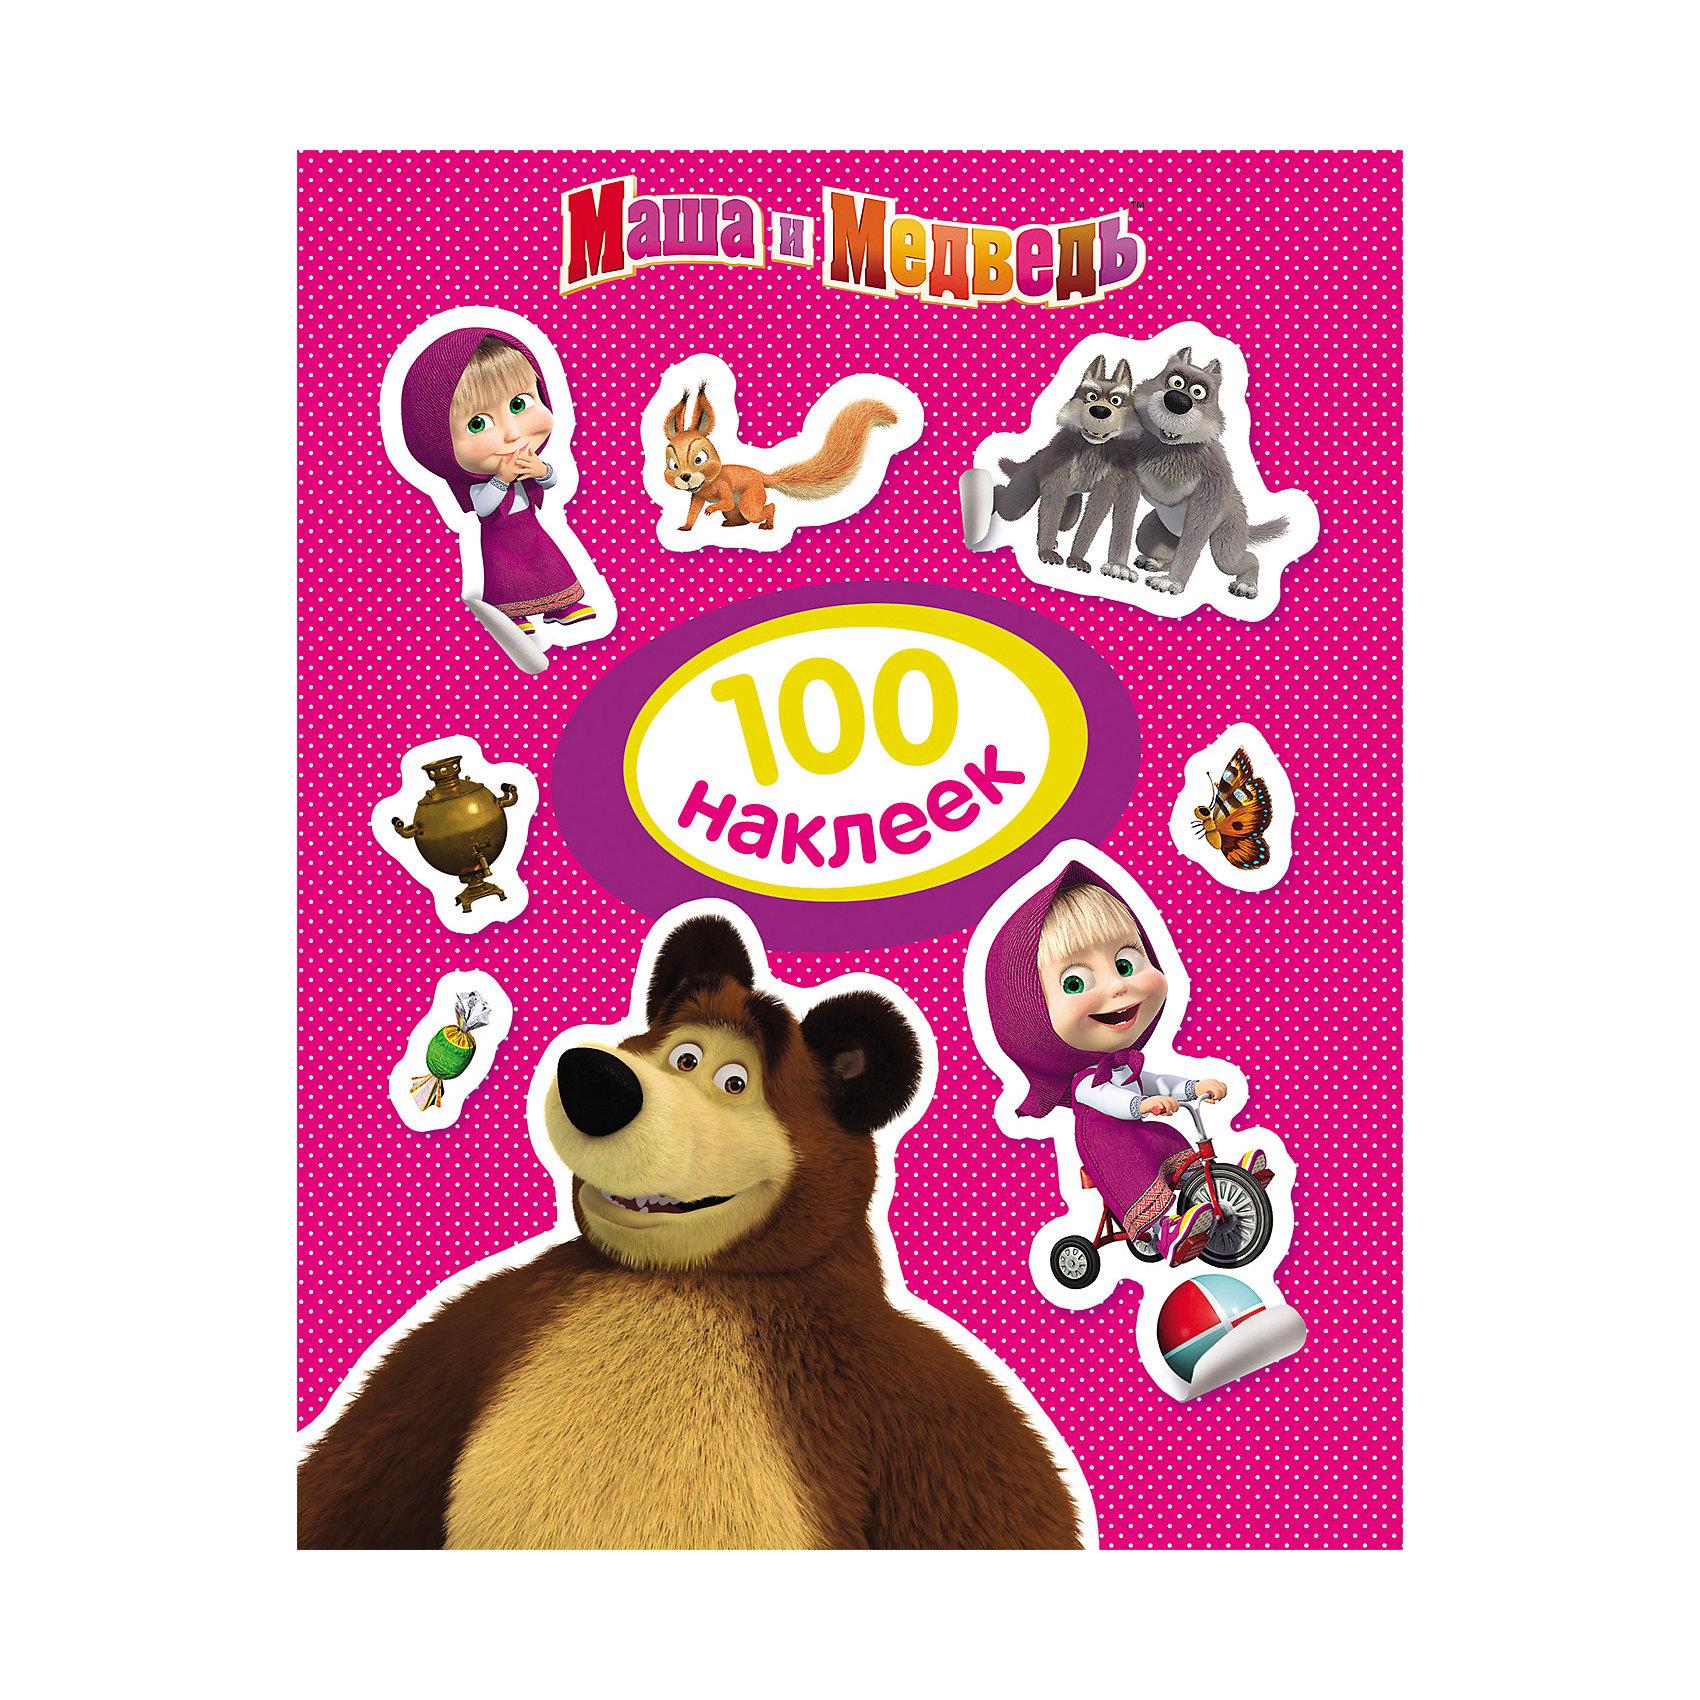 100 наклеек Маша и МедведьРосмэн<br>100 наклеек Маша и Медведь<br><br>Характеристики:<br><br>• ISBN: 4680274027468<br>• Количество наклеек: 100 штук<br>• Герой: Маша и Медведь<br><br>В этом наборе содержится 100 ярких наклеек из любимого многими мультика Маша и Медведь. Ваш ребенок сможет украсить ими свои тетради, игрушки или комнату. Эти красочные наклейки станут прекрасным подарком. Работа с наклейками развивает мелкую моторику и подарит много приятных минут вашему ребенку. Наклейки сделаны из полностью безопасного материала и не вредят ребенку.<br><br>100 наклеек Маша и Медведь можно купить в нашем интернет-магазине.<br><br>Ширина мм: 200<br>Глубина мм: 150<br>Высота мм: 20<br>Вес г: 36<br>Возраст от месяцев: -2147483648<br>Возраст до месяцев: 2147483647<br>Пол: Унисекс<br>Возраст: Детский<br>SKU: 5507086